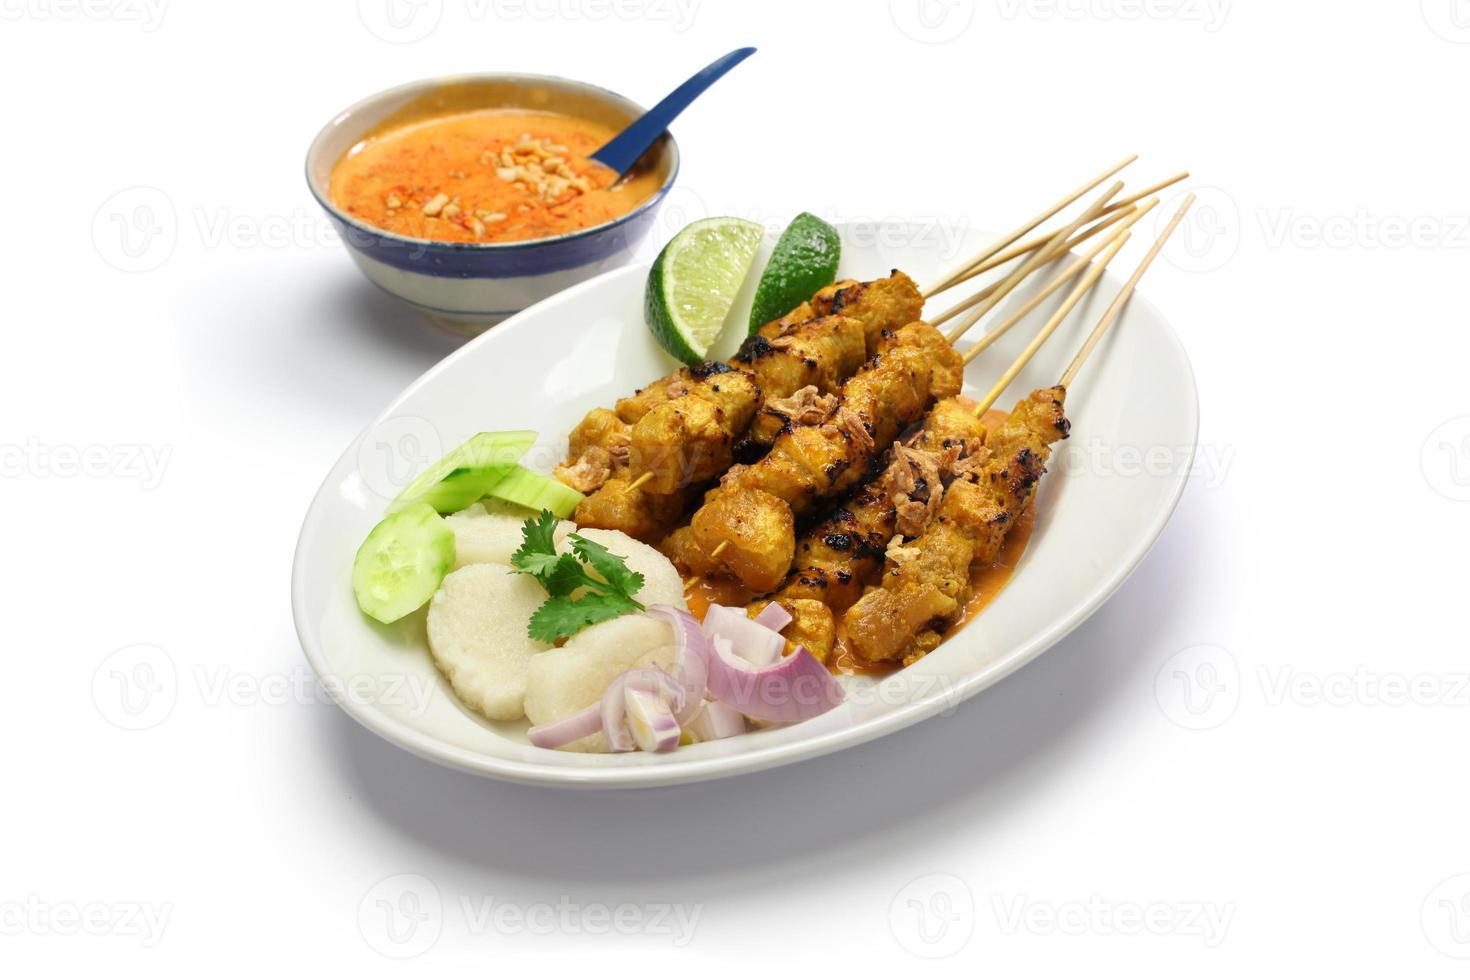 pollo satay, cocina indonesia foto